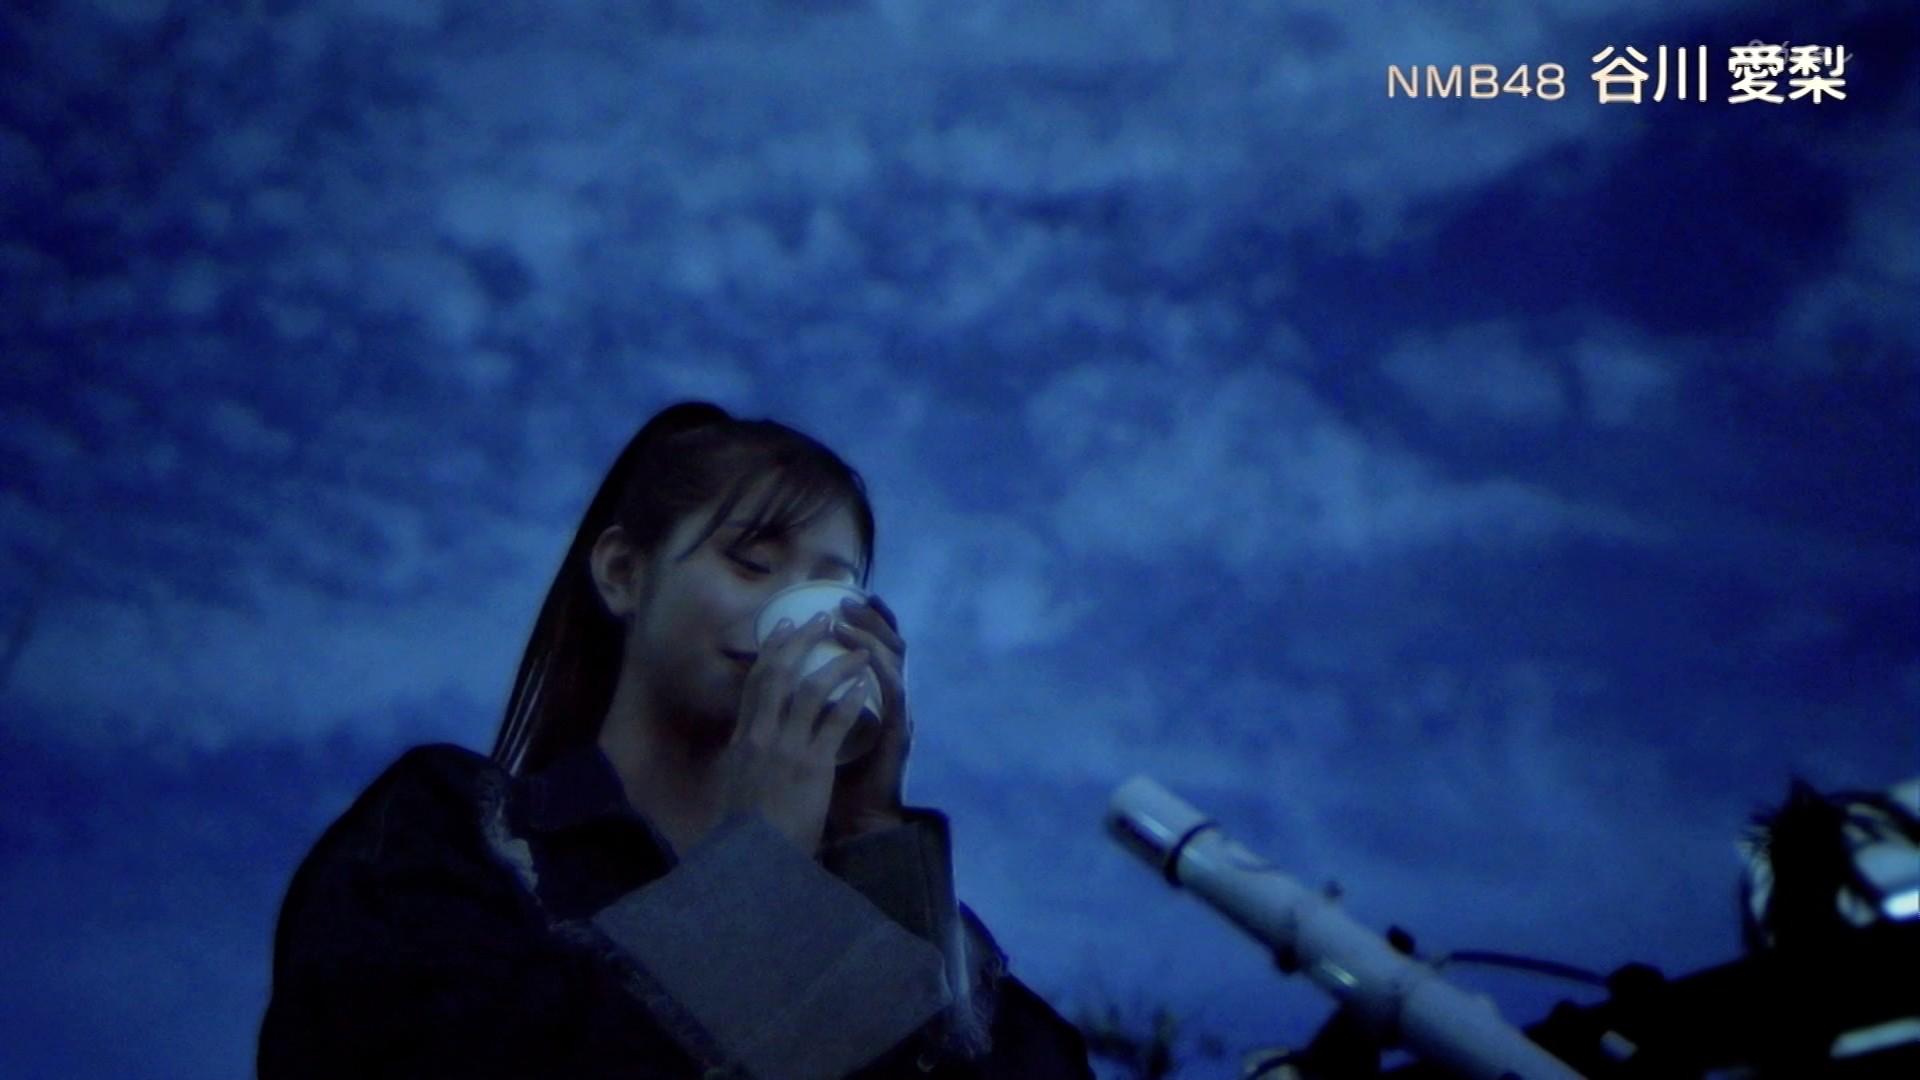 【谷川愛梨】あいりが出演した11月11日放送「ほっとするわ」の画像